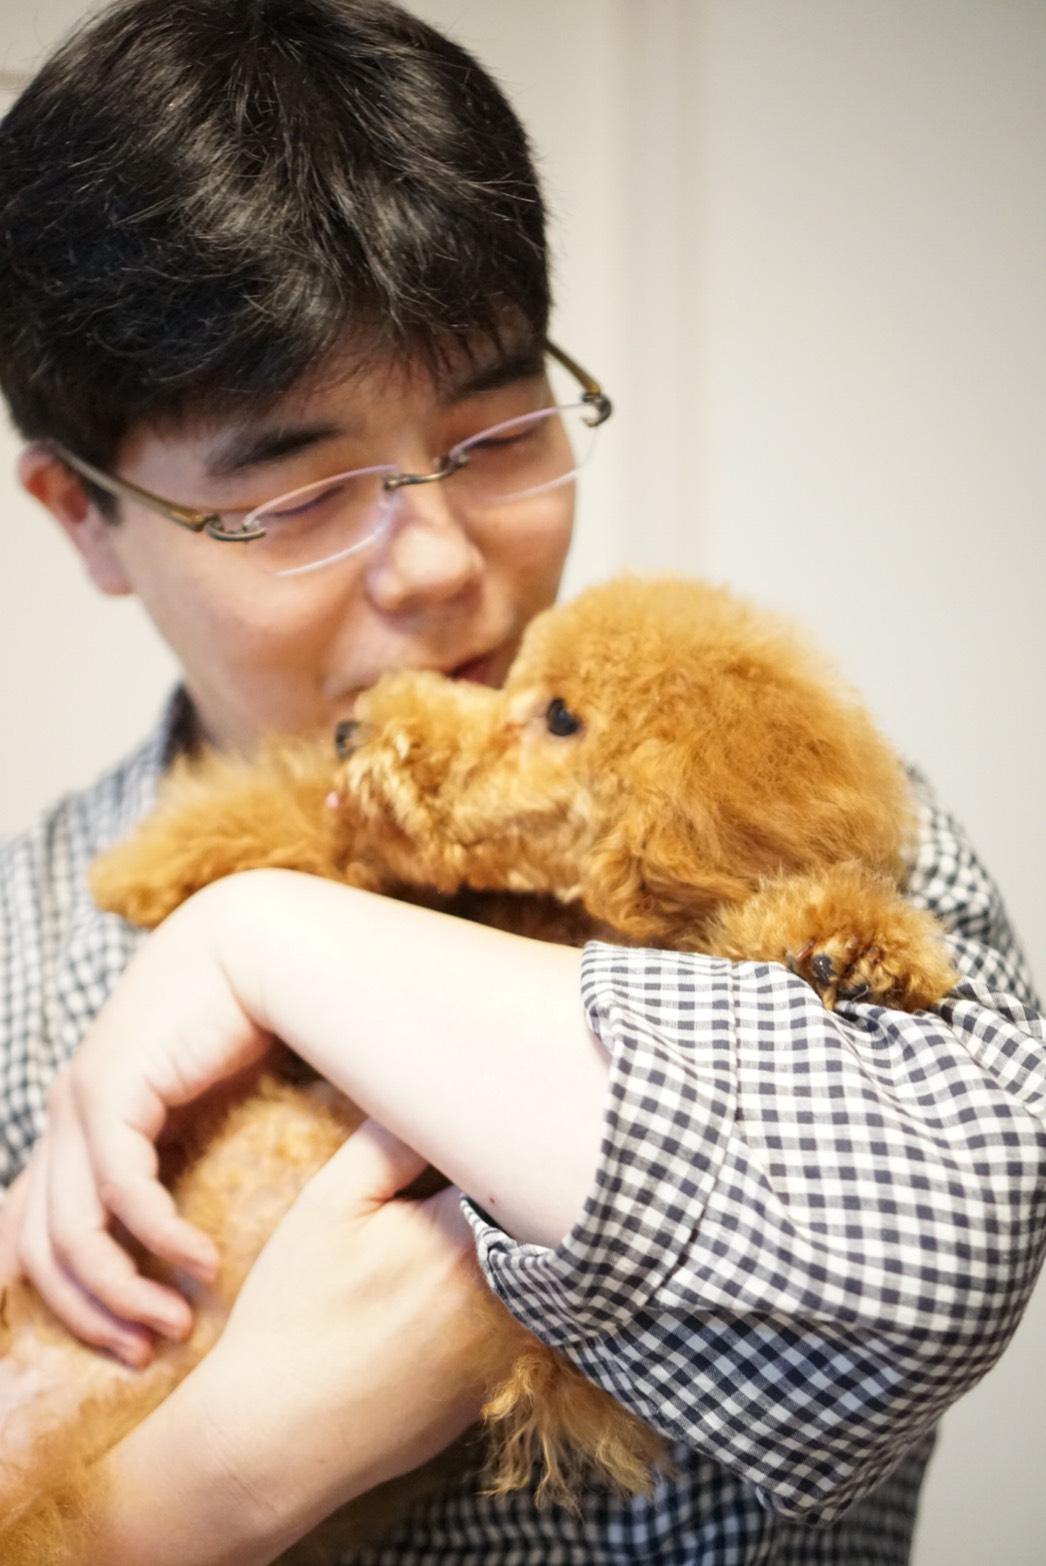 ペットシッターYAMAZAKI はお客さまのご自宅にお伺いして、皆さまのお留守番サポートをいたします。